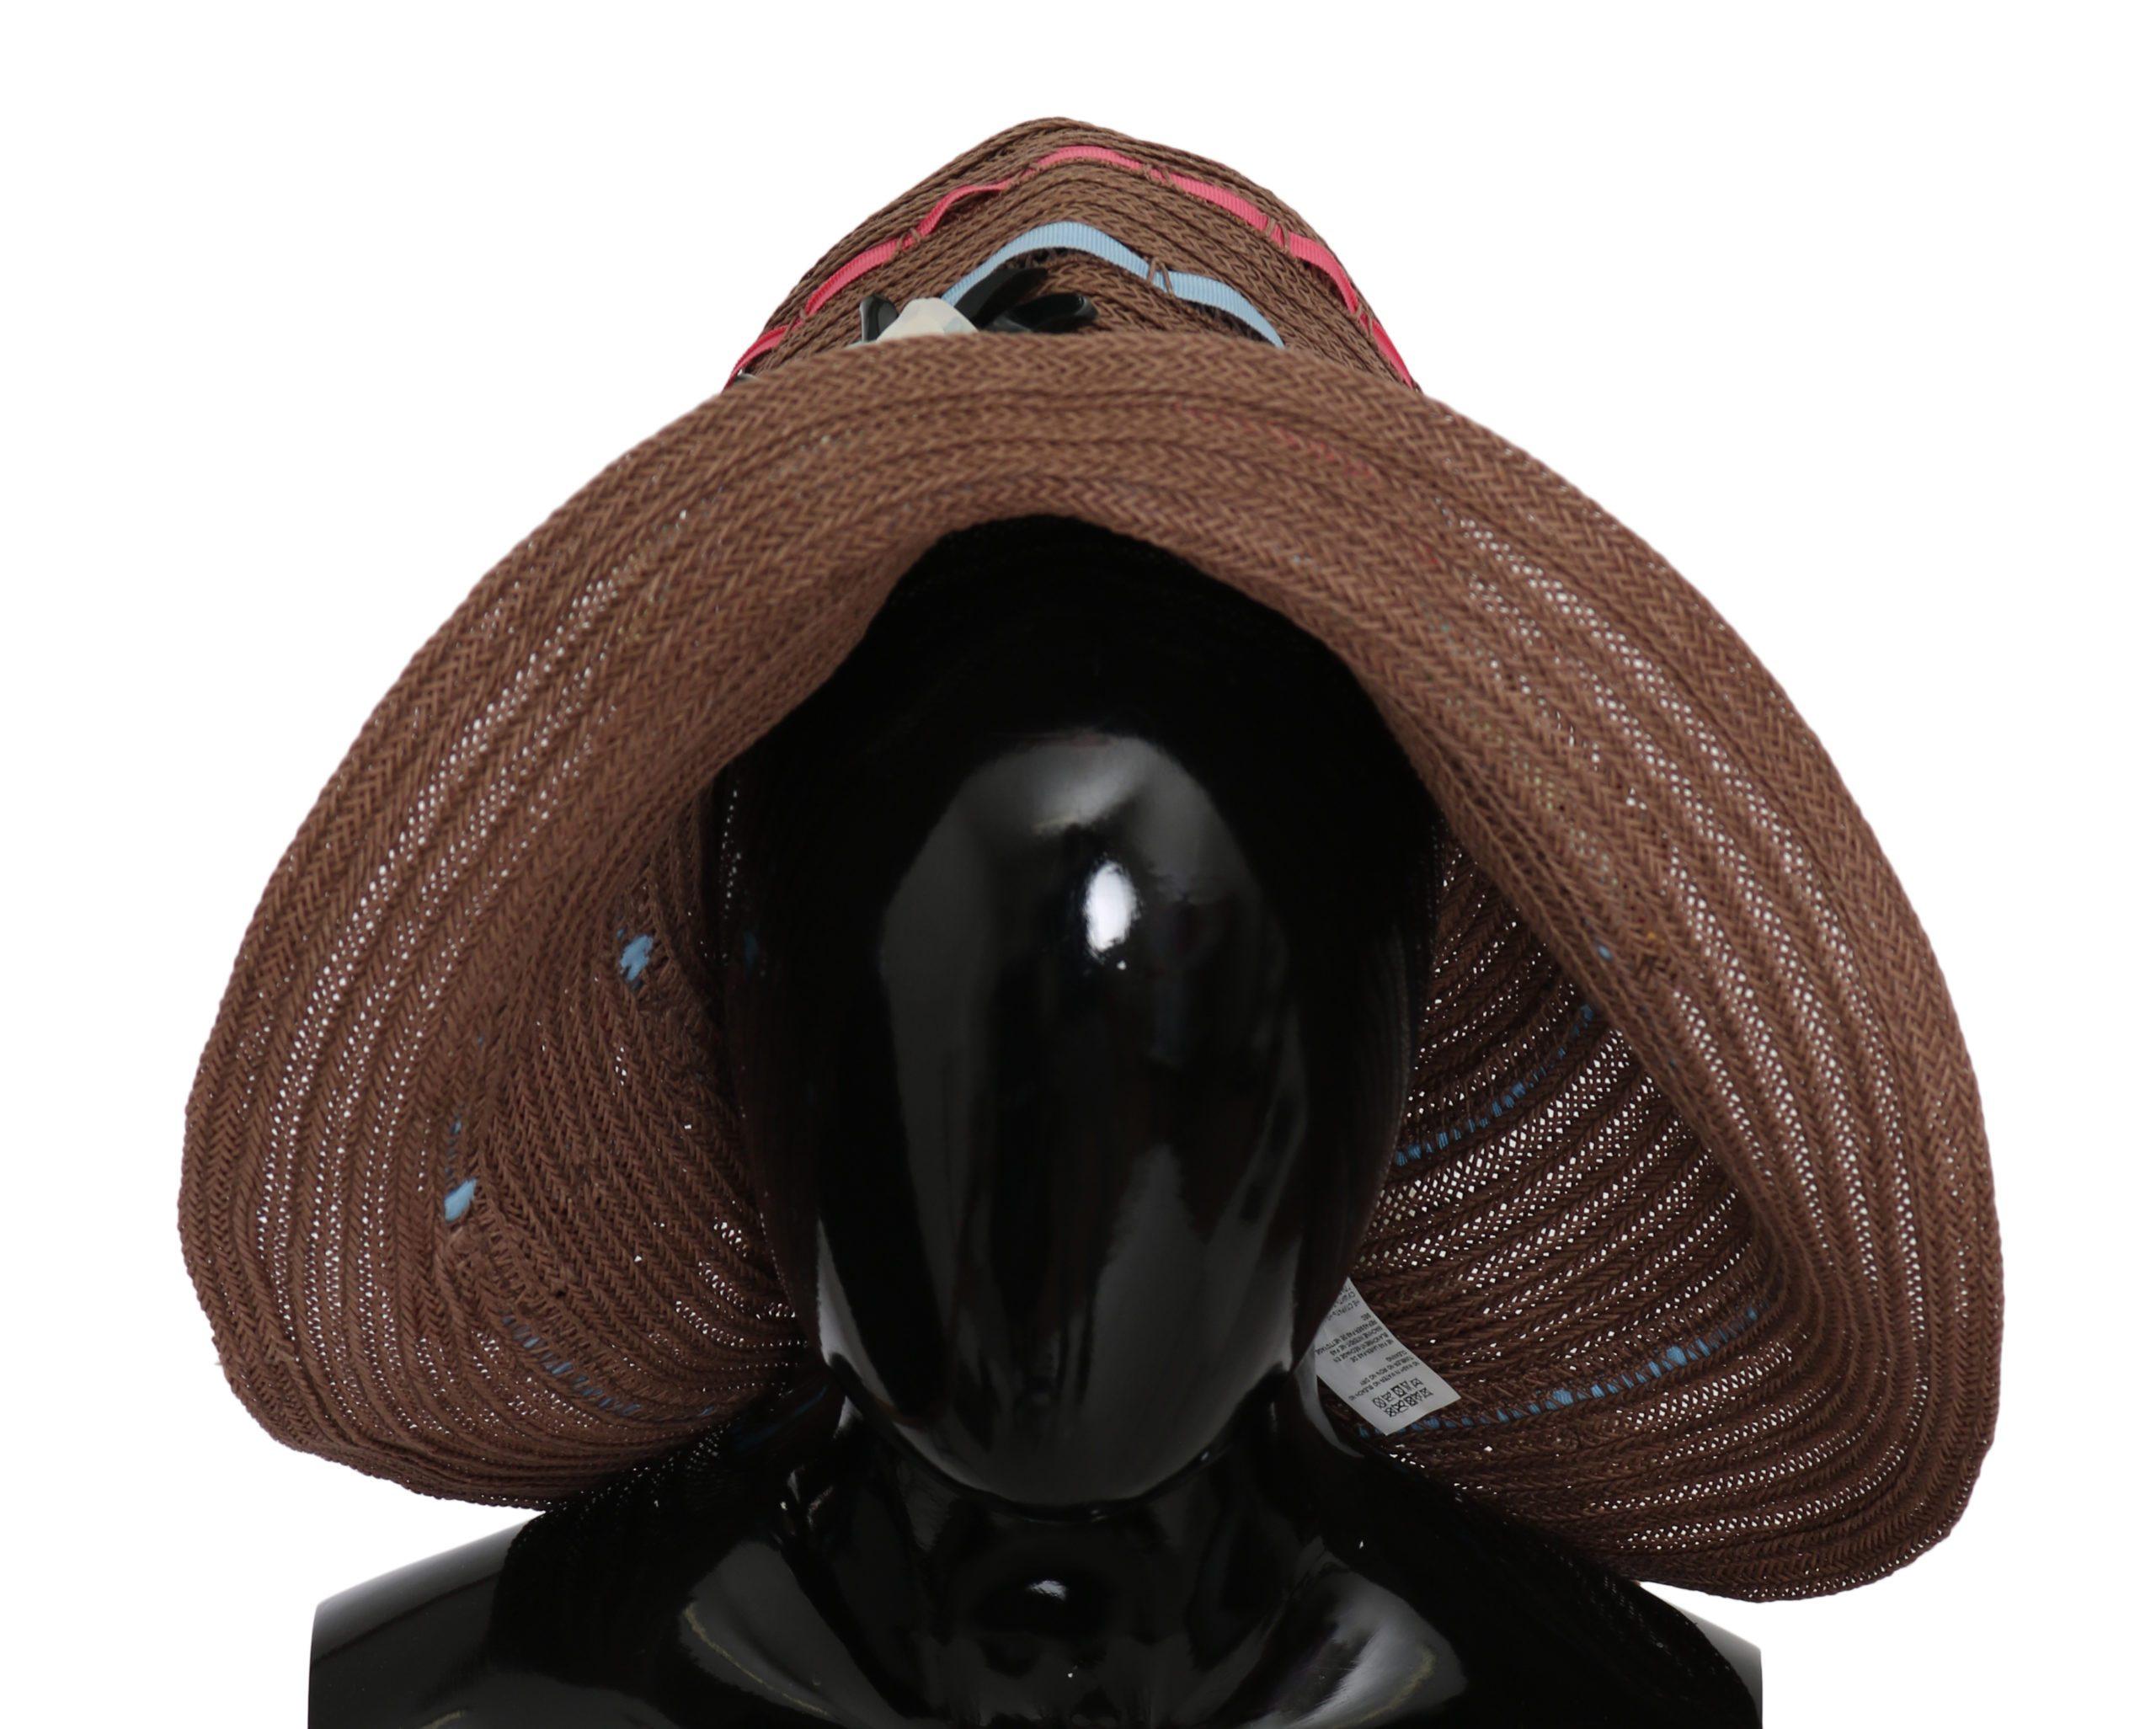 Dolce & Gabbana Women's Floral Wide Brim Straw Hat Brown HAT9063 - 58 cm|M